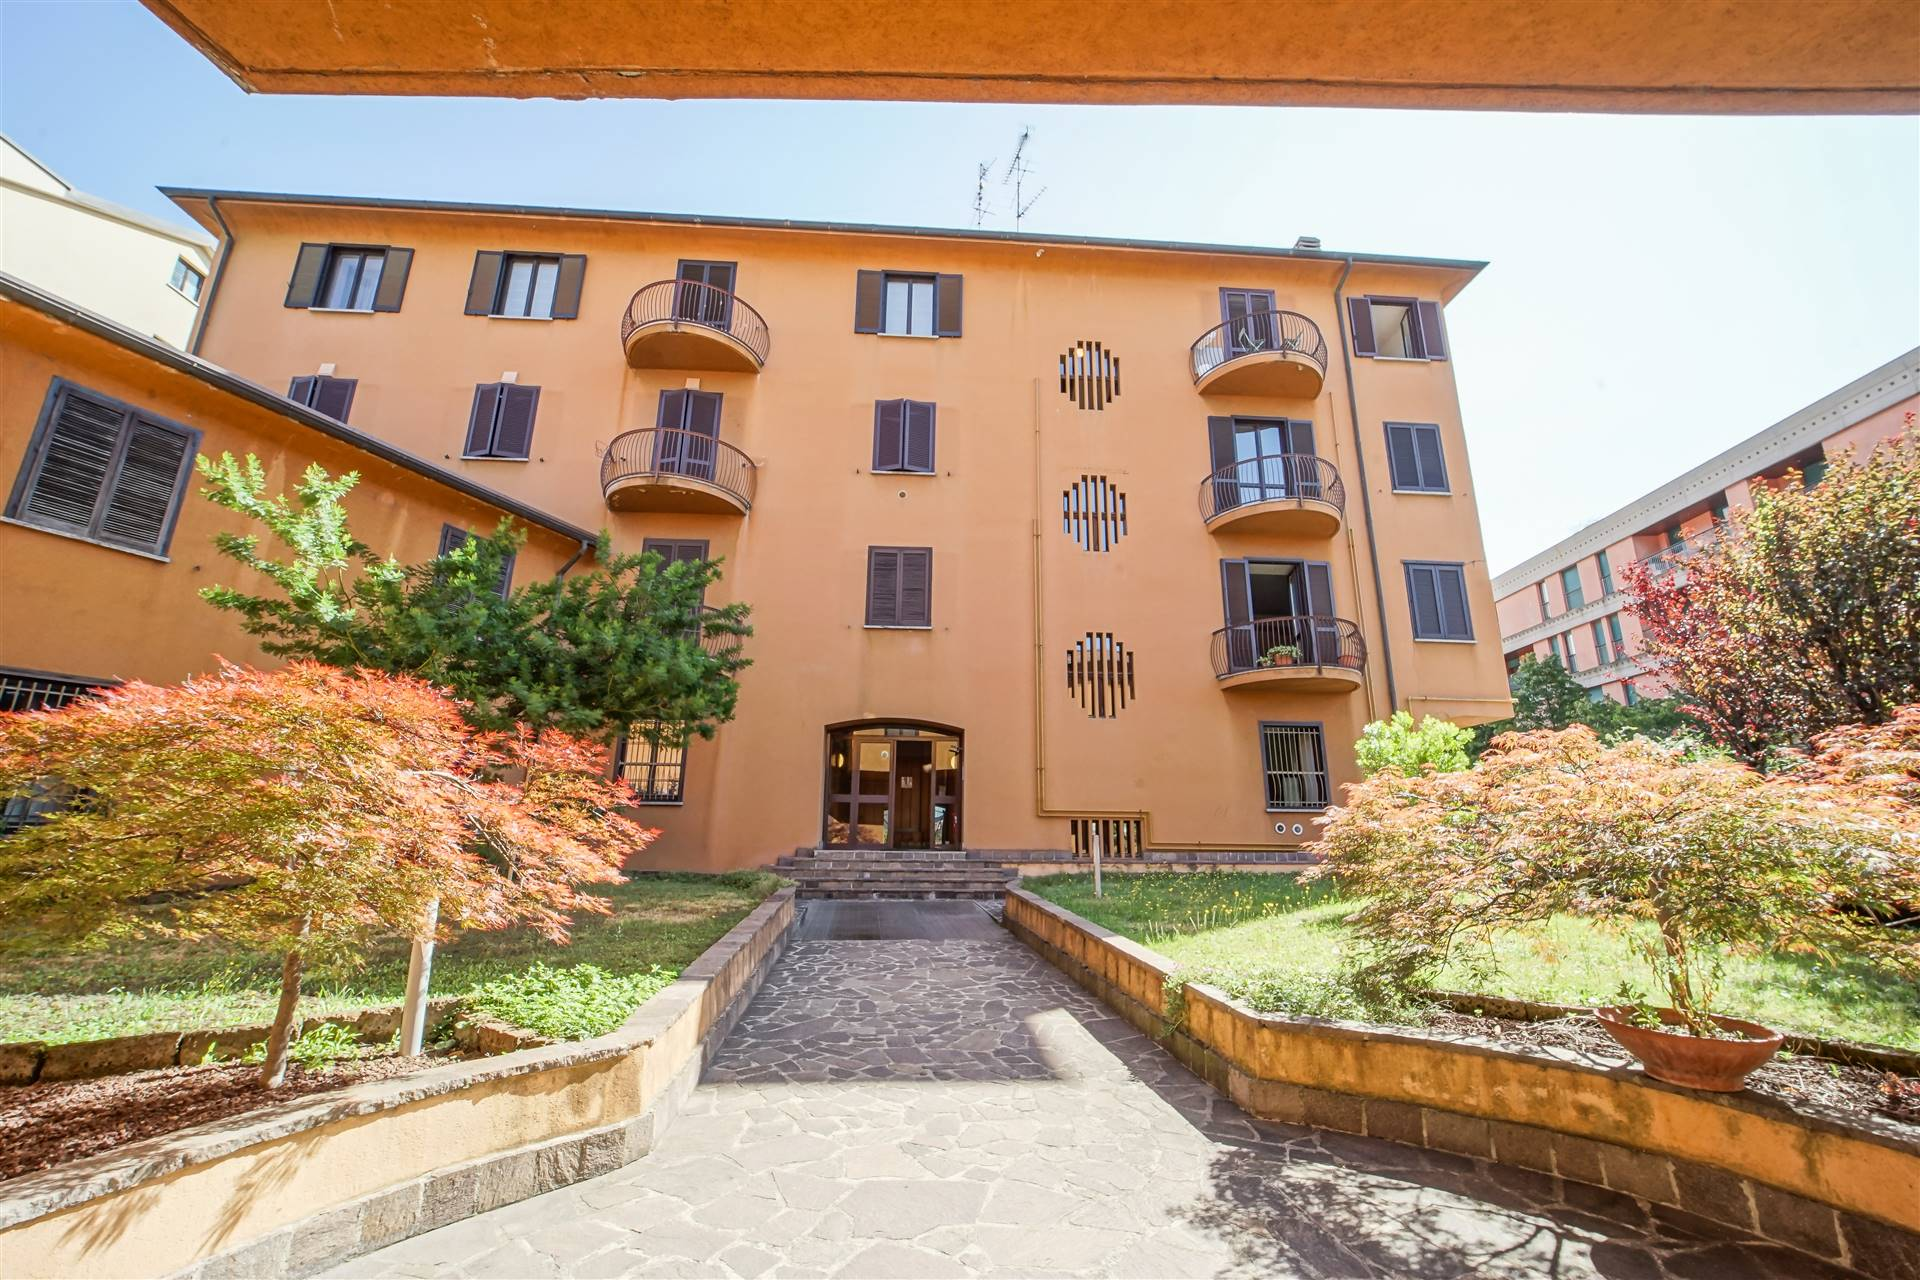 Ufficio / Studio in vendita a Lecco, 3 locali, zona Zona: Castello, prezzo € 130.000   CambioCasa.it